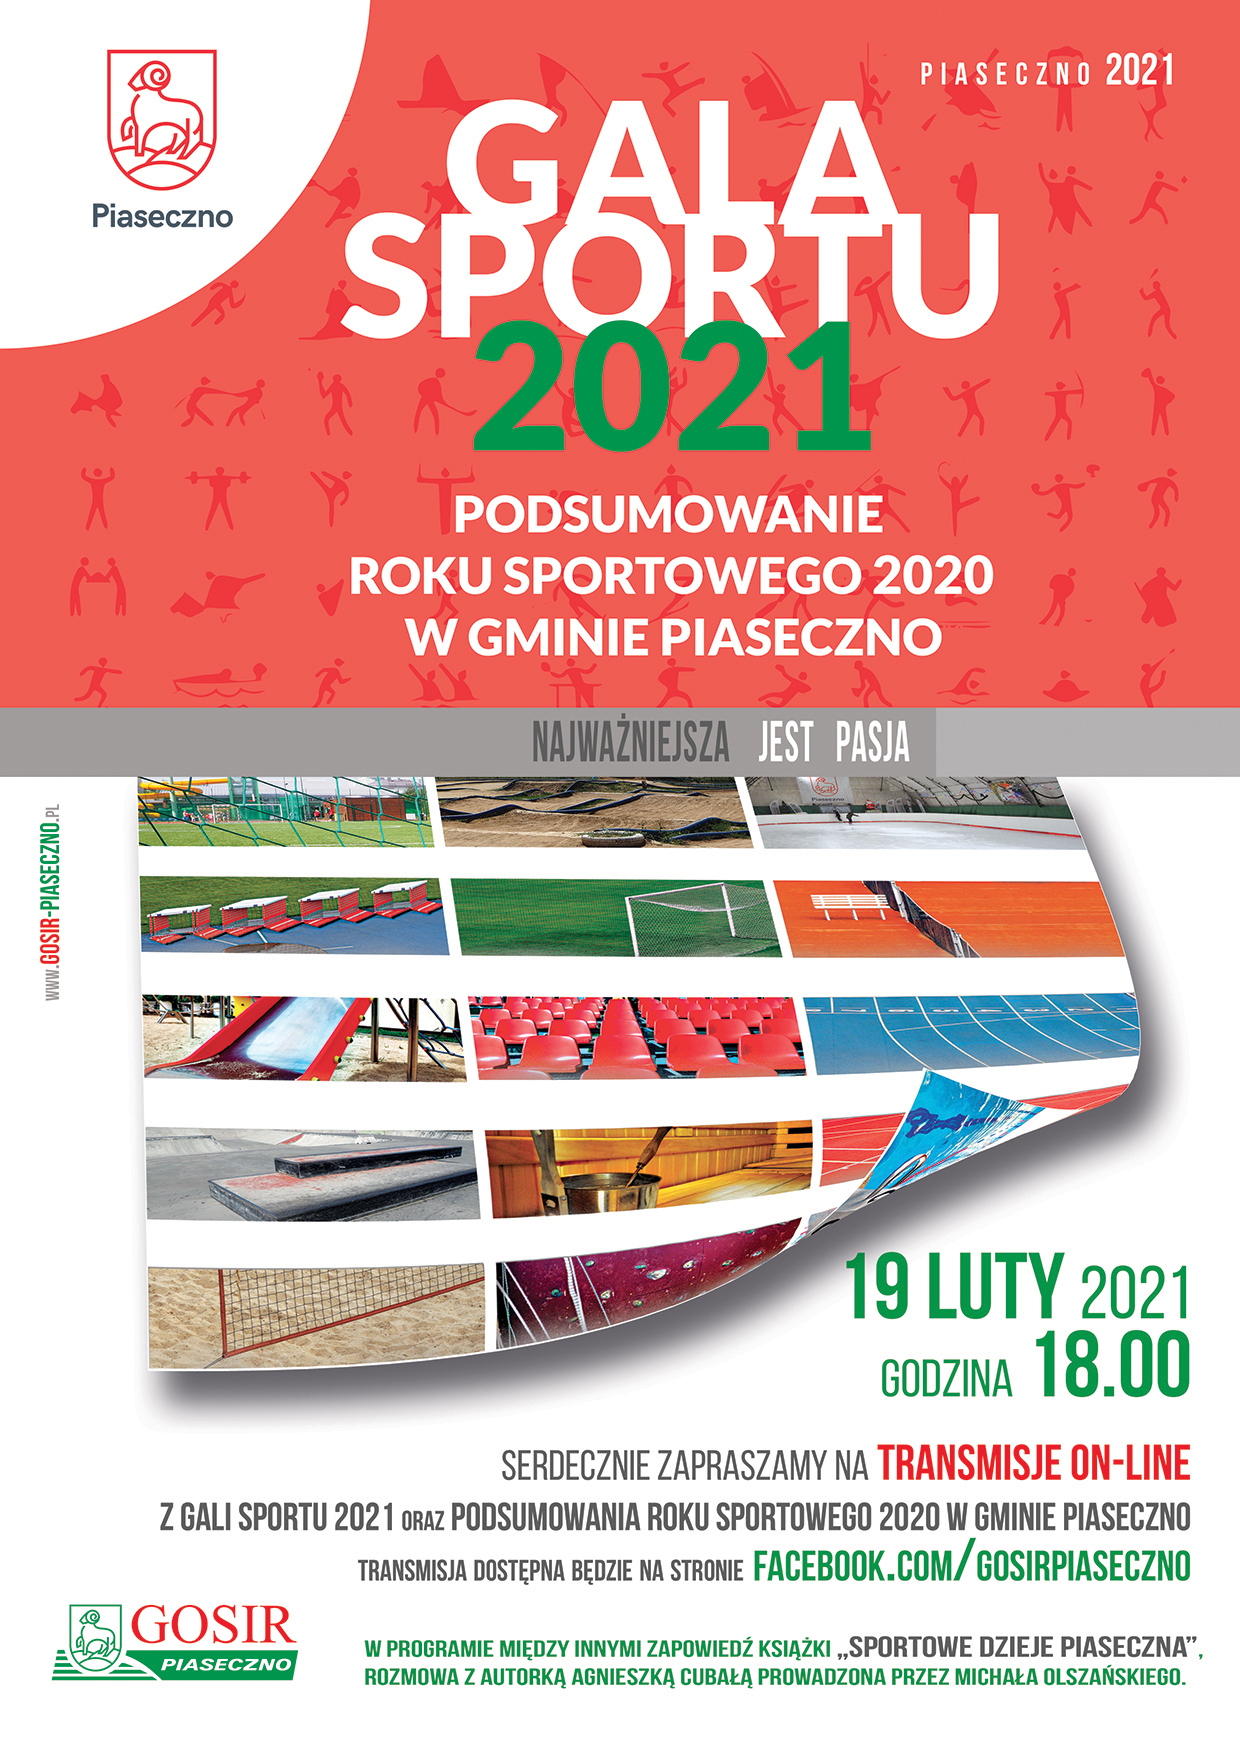 Plakat wydarzenia Gala Sportu 2021 Piaseczno